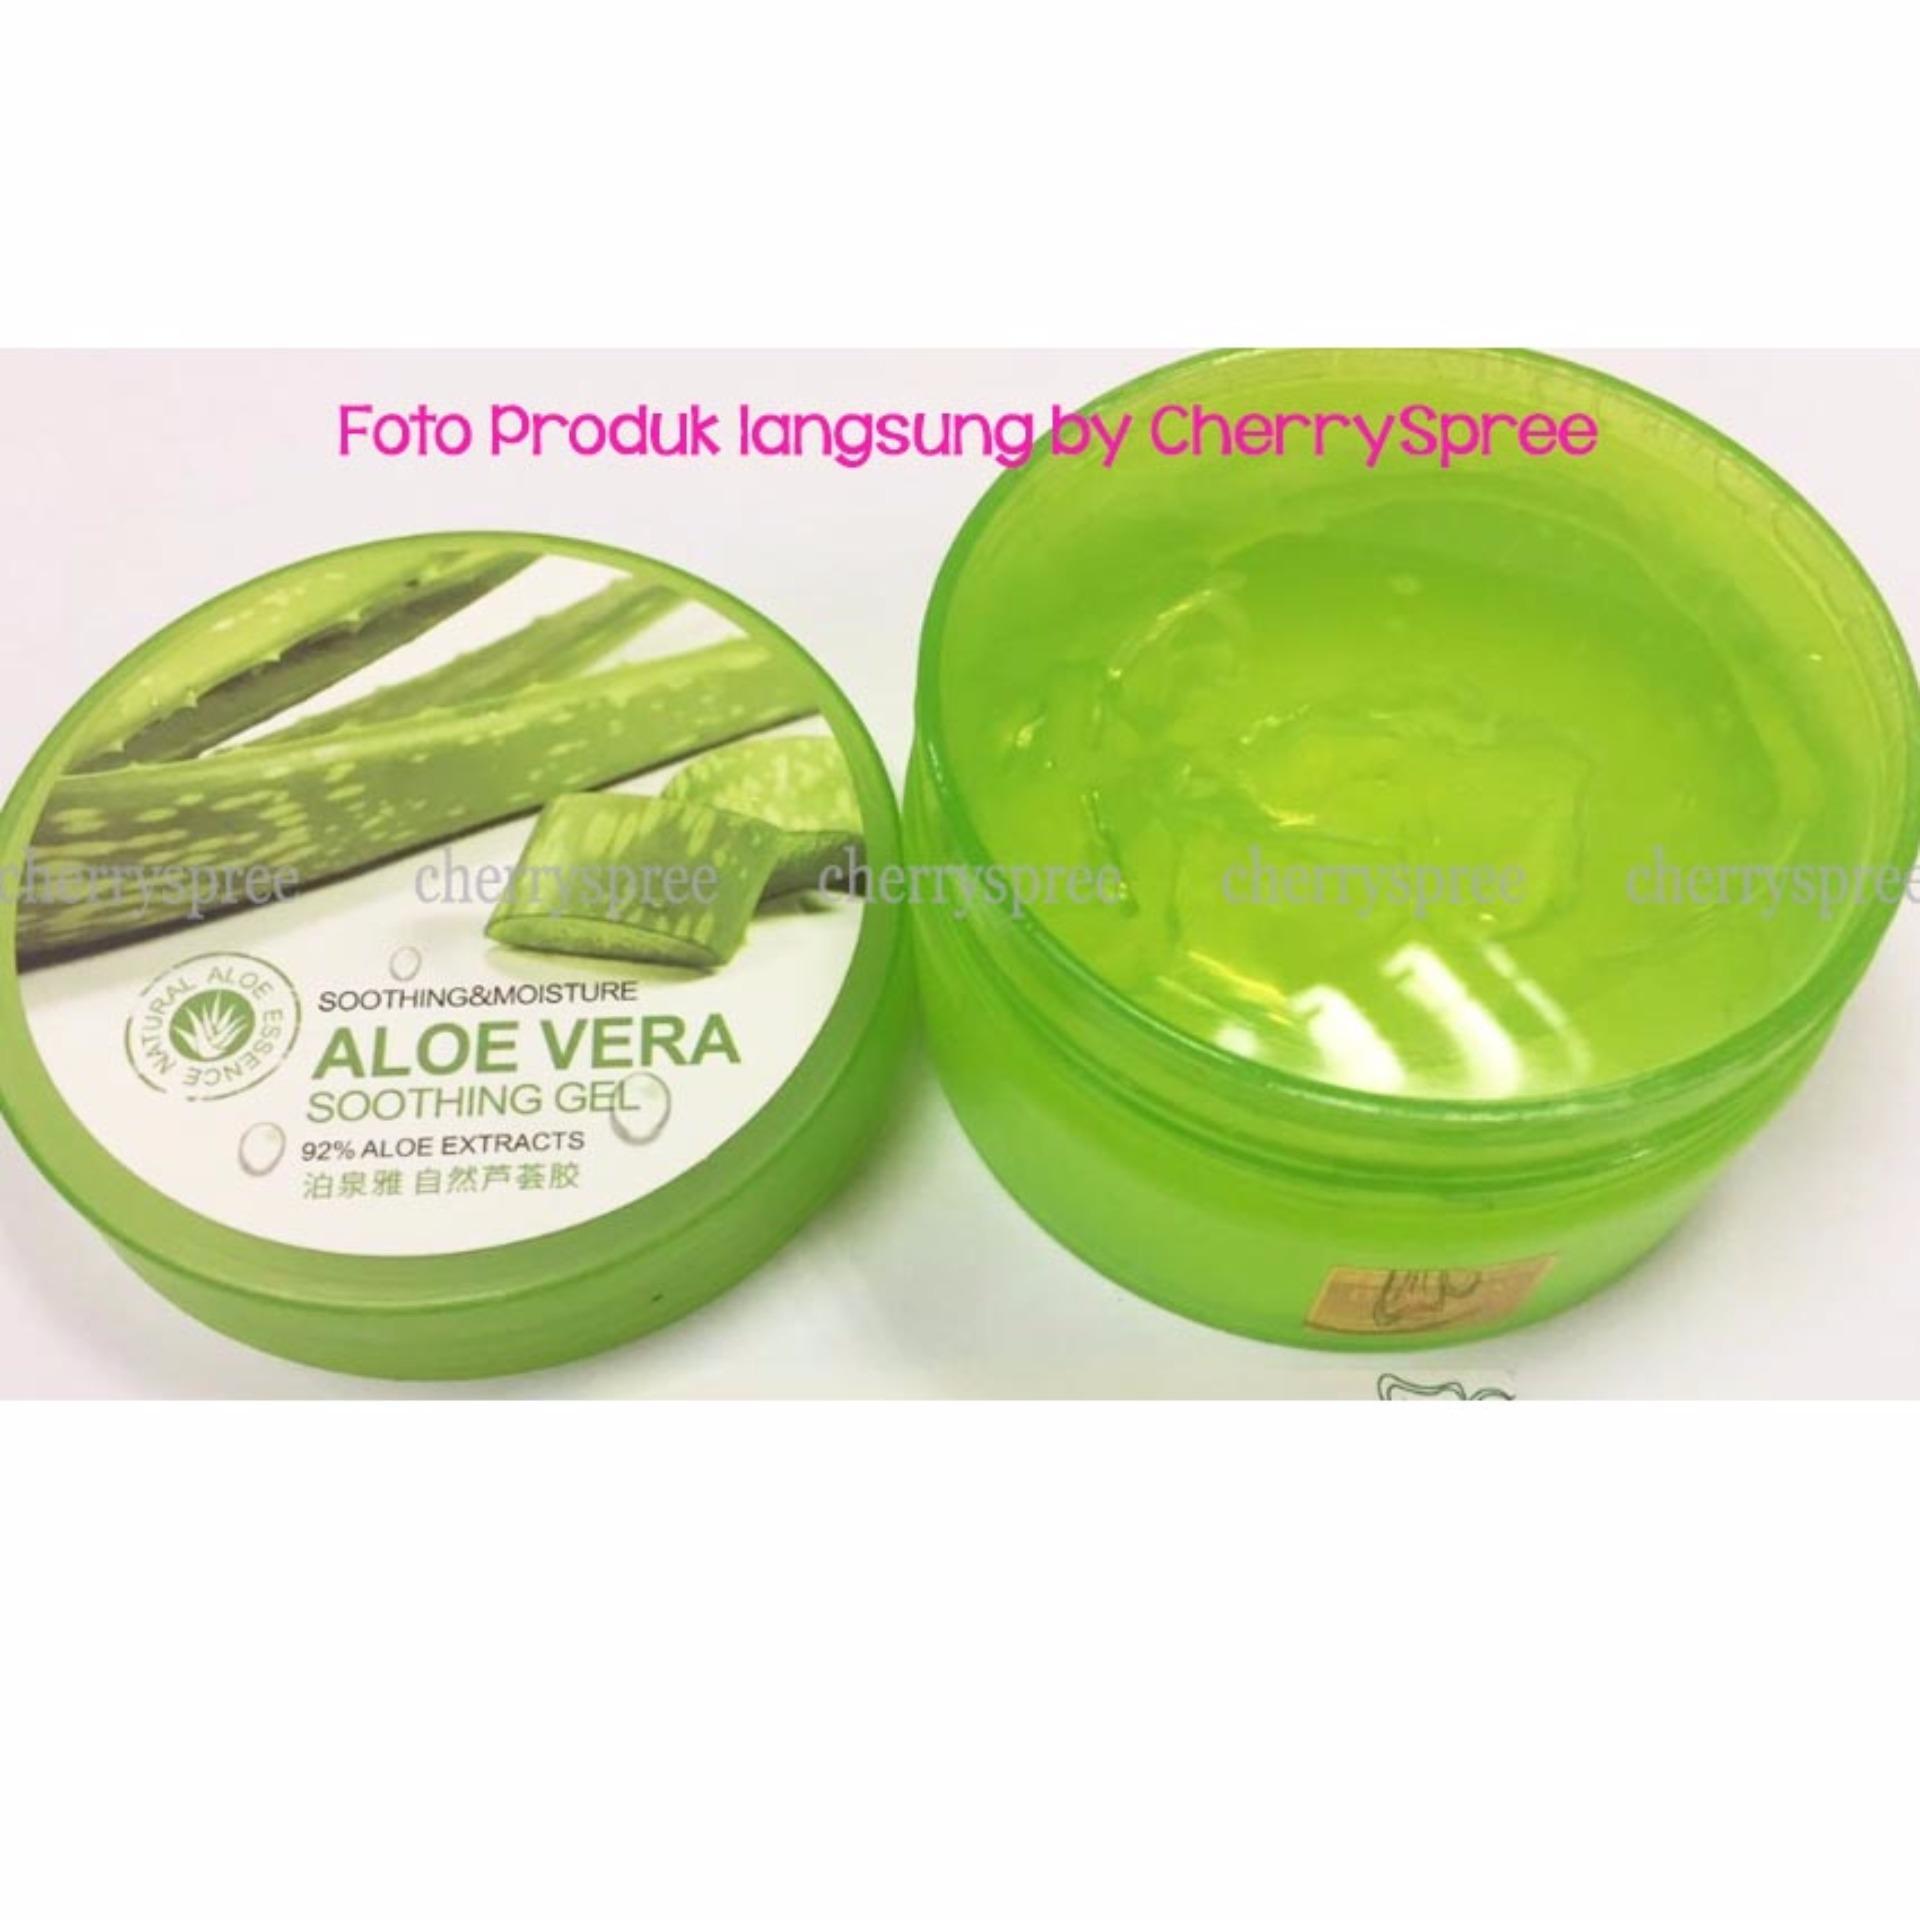 Bandingkan Toko Bioaqua Aloe Vera 92 Soothing Gel Cream Krim Terlaris Nature Republik Ajaib Serbaguna Lidah Buaya Bentuk Daun Melembabkan Kulit